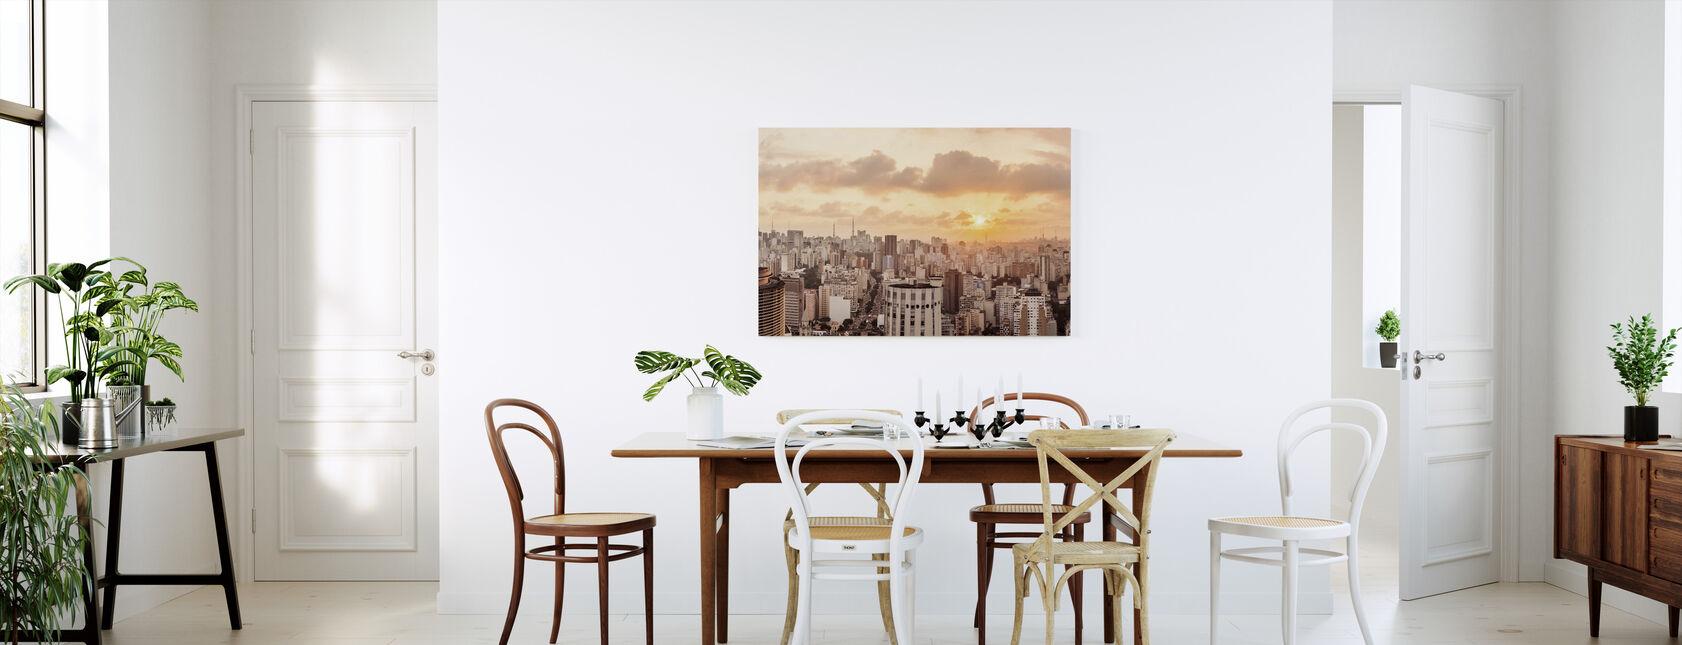 Sao Paulo Sunset - Canvas print - Kitchen